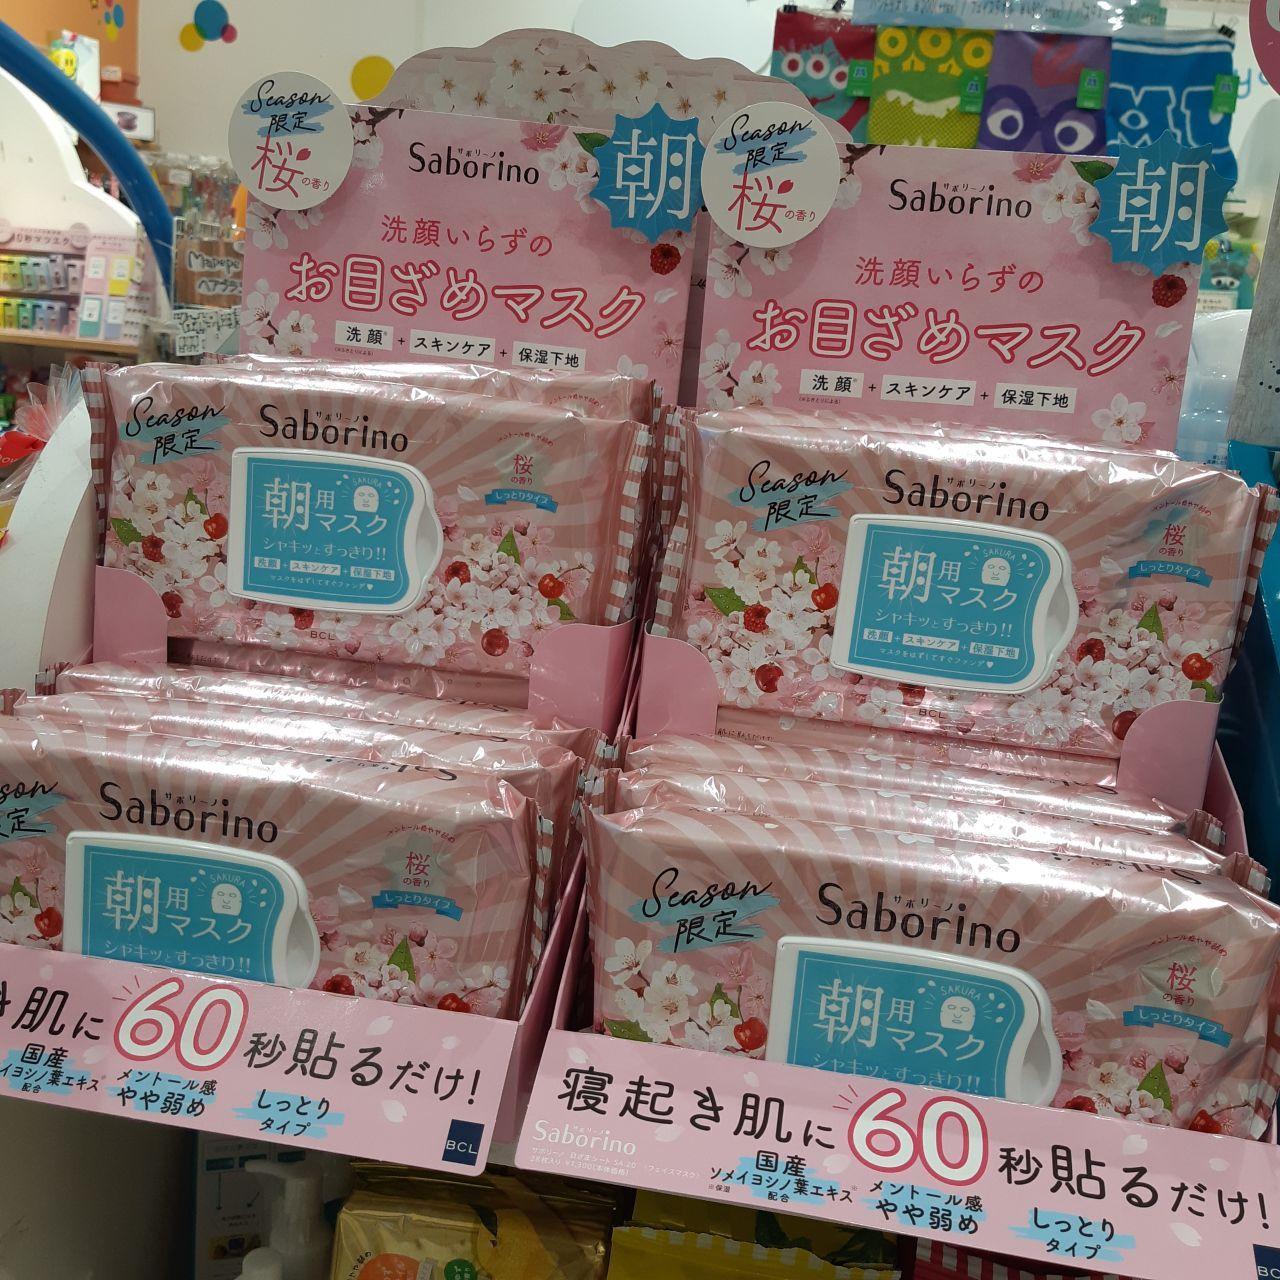 「桜のサボリーノ入荷しました!」の写真